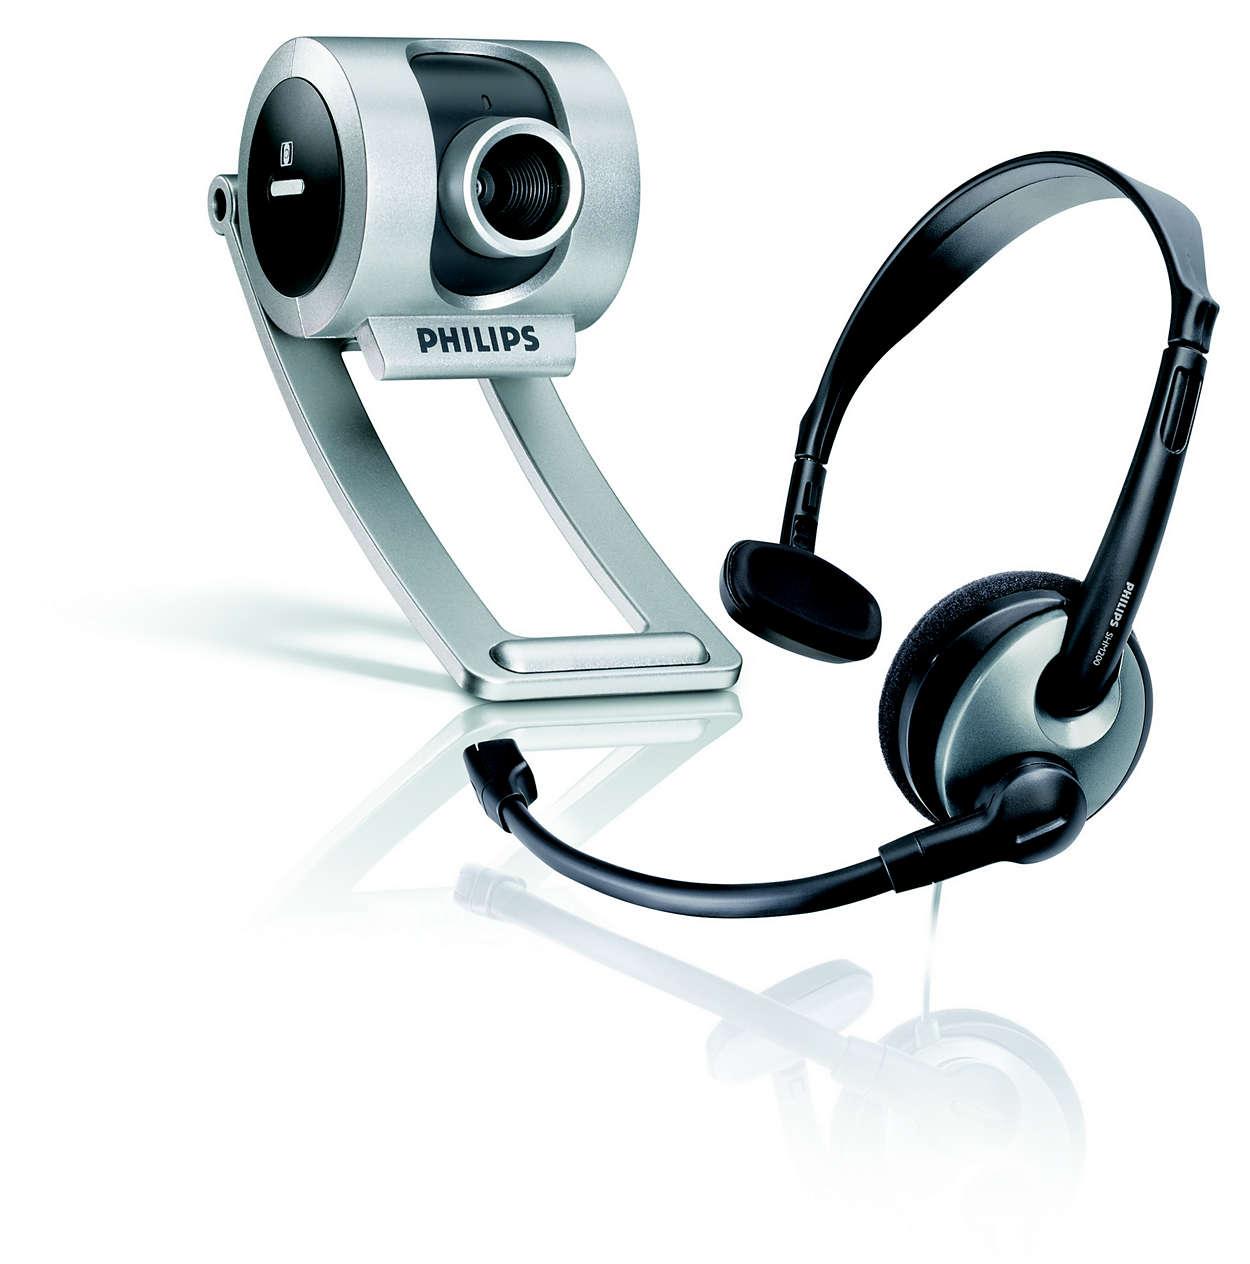 Comece a conversar com o Skype